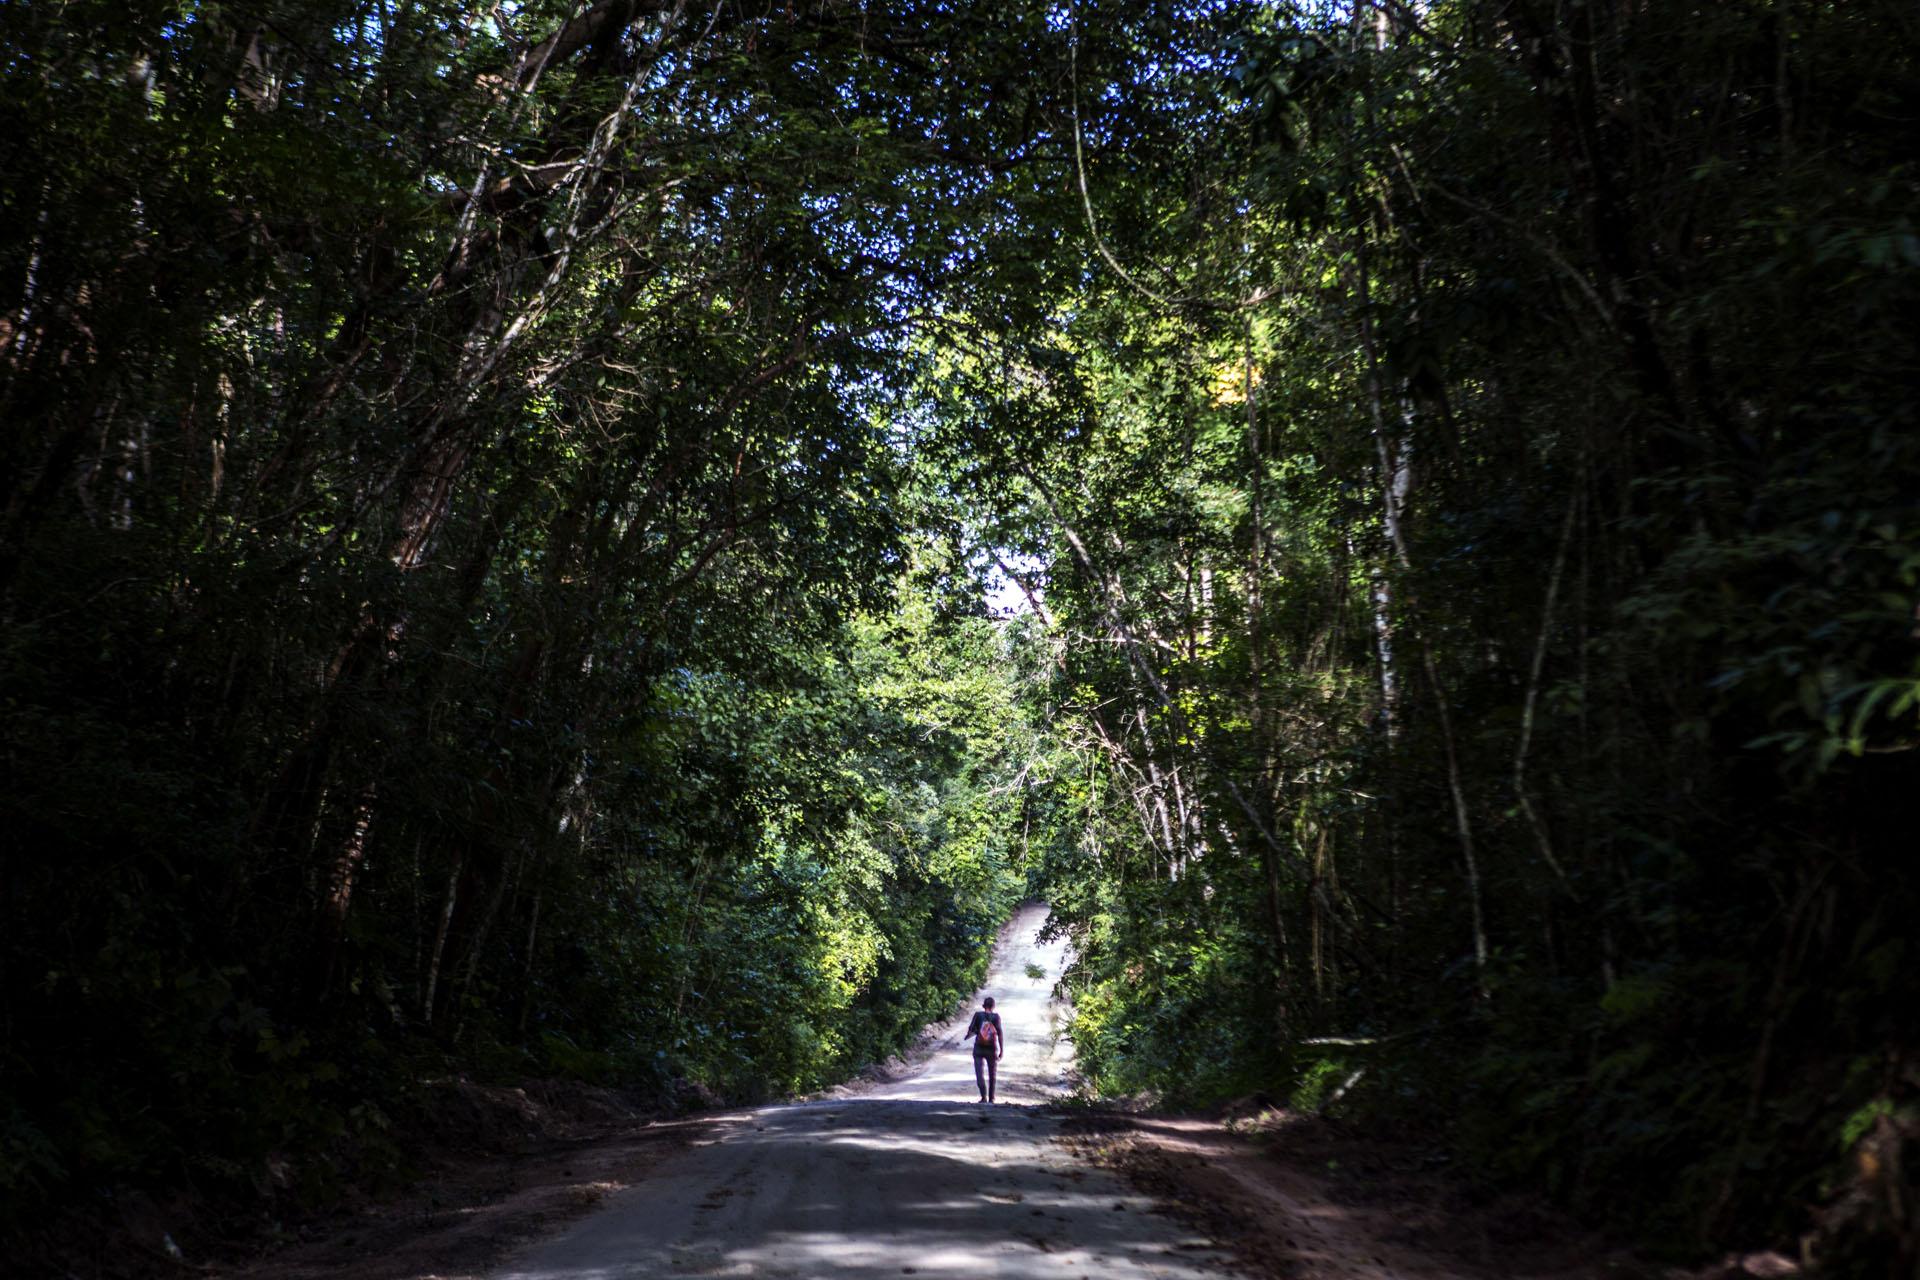 Para llegar hasta Uaxactún se debe atravesar un camino de terracería de 24 kilómetros en el parque arqueológico de Tikal